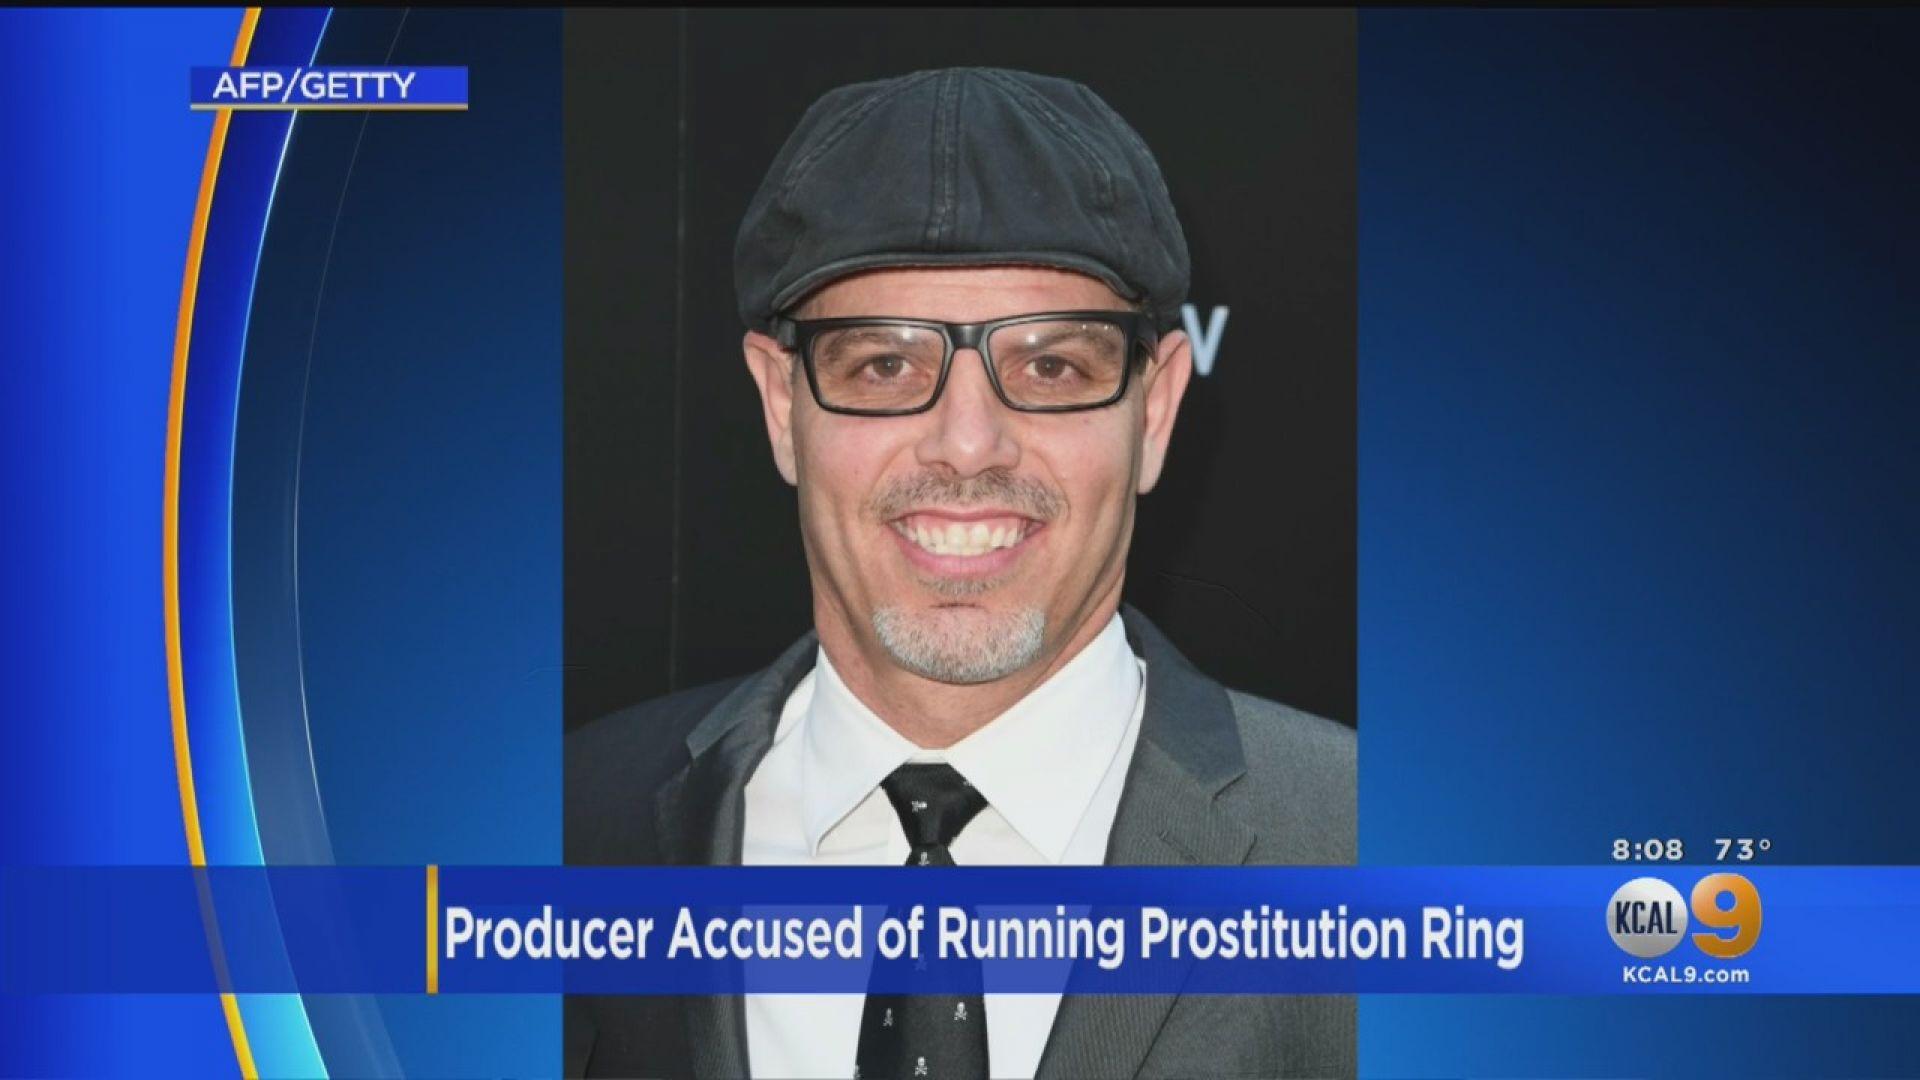 Филмов продуцент в САЩ беше обвинен, че ръководи международна мрежа за проституция